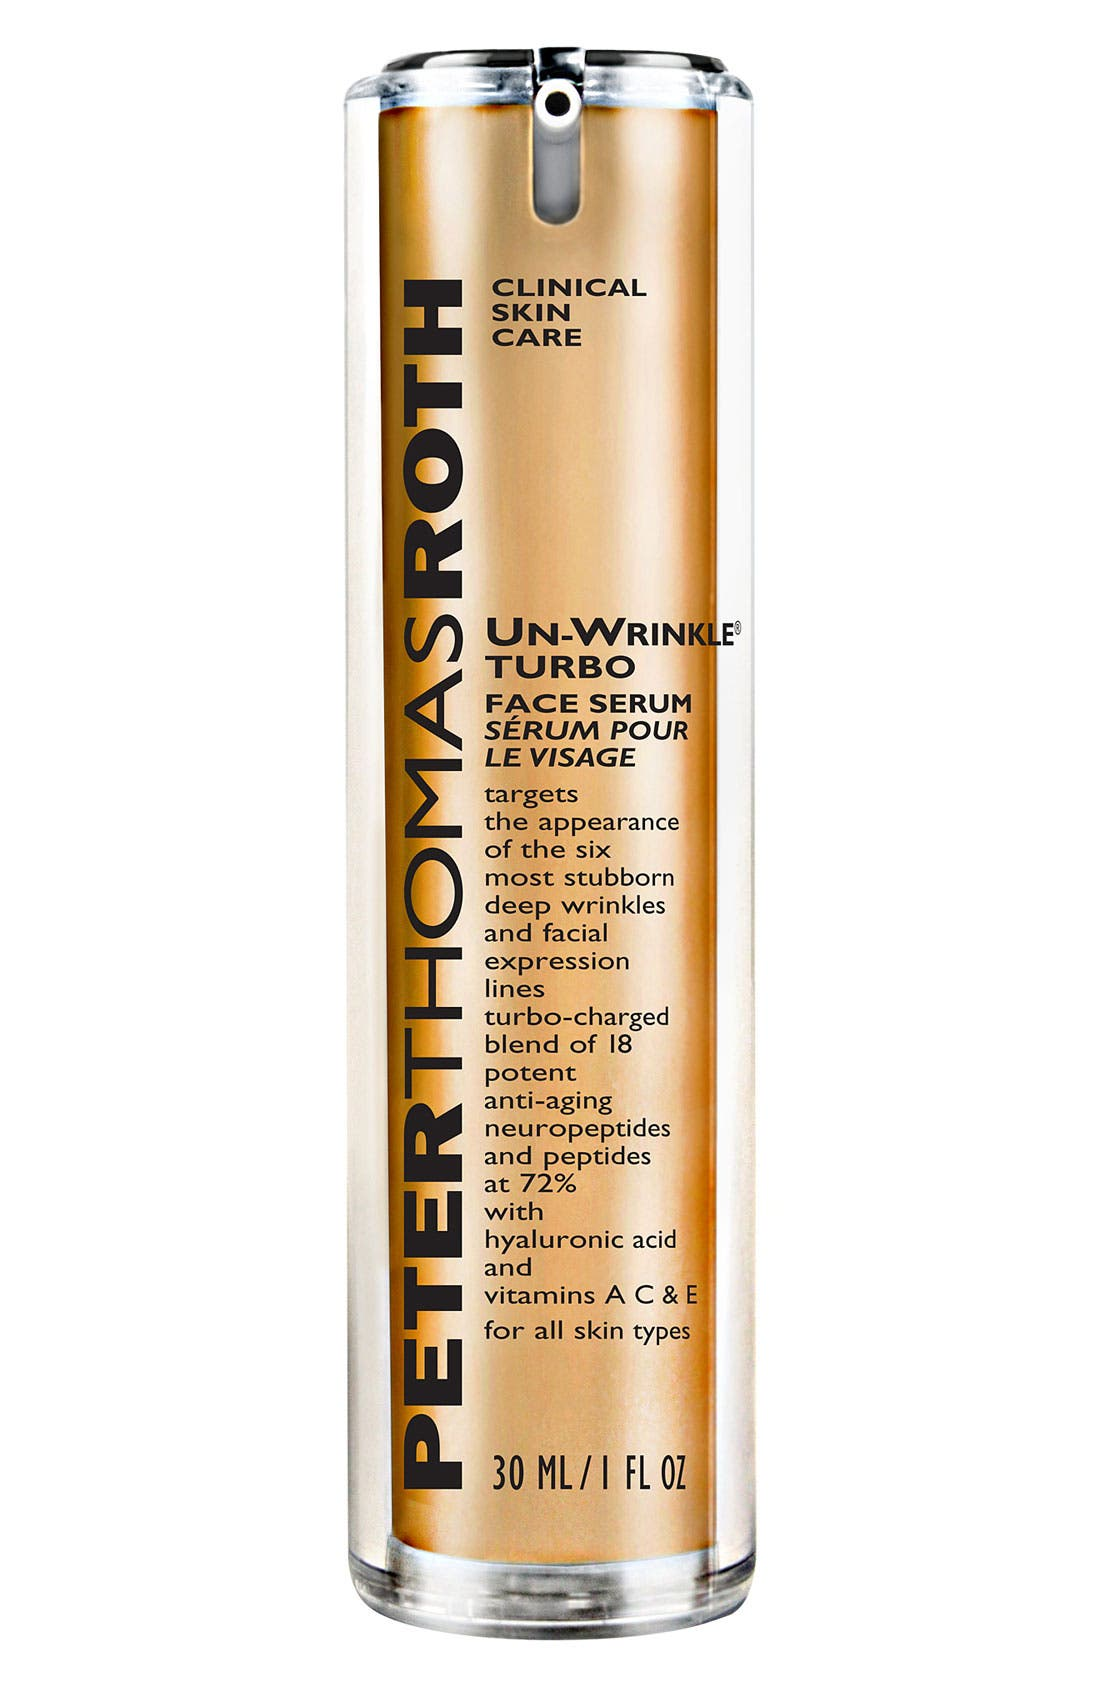 Peter Thomas Roth Un-Wrinkle® Turbo Face Serum